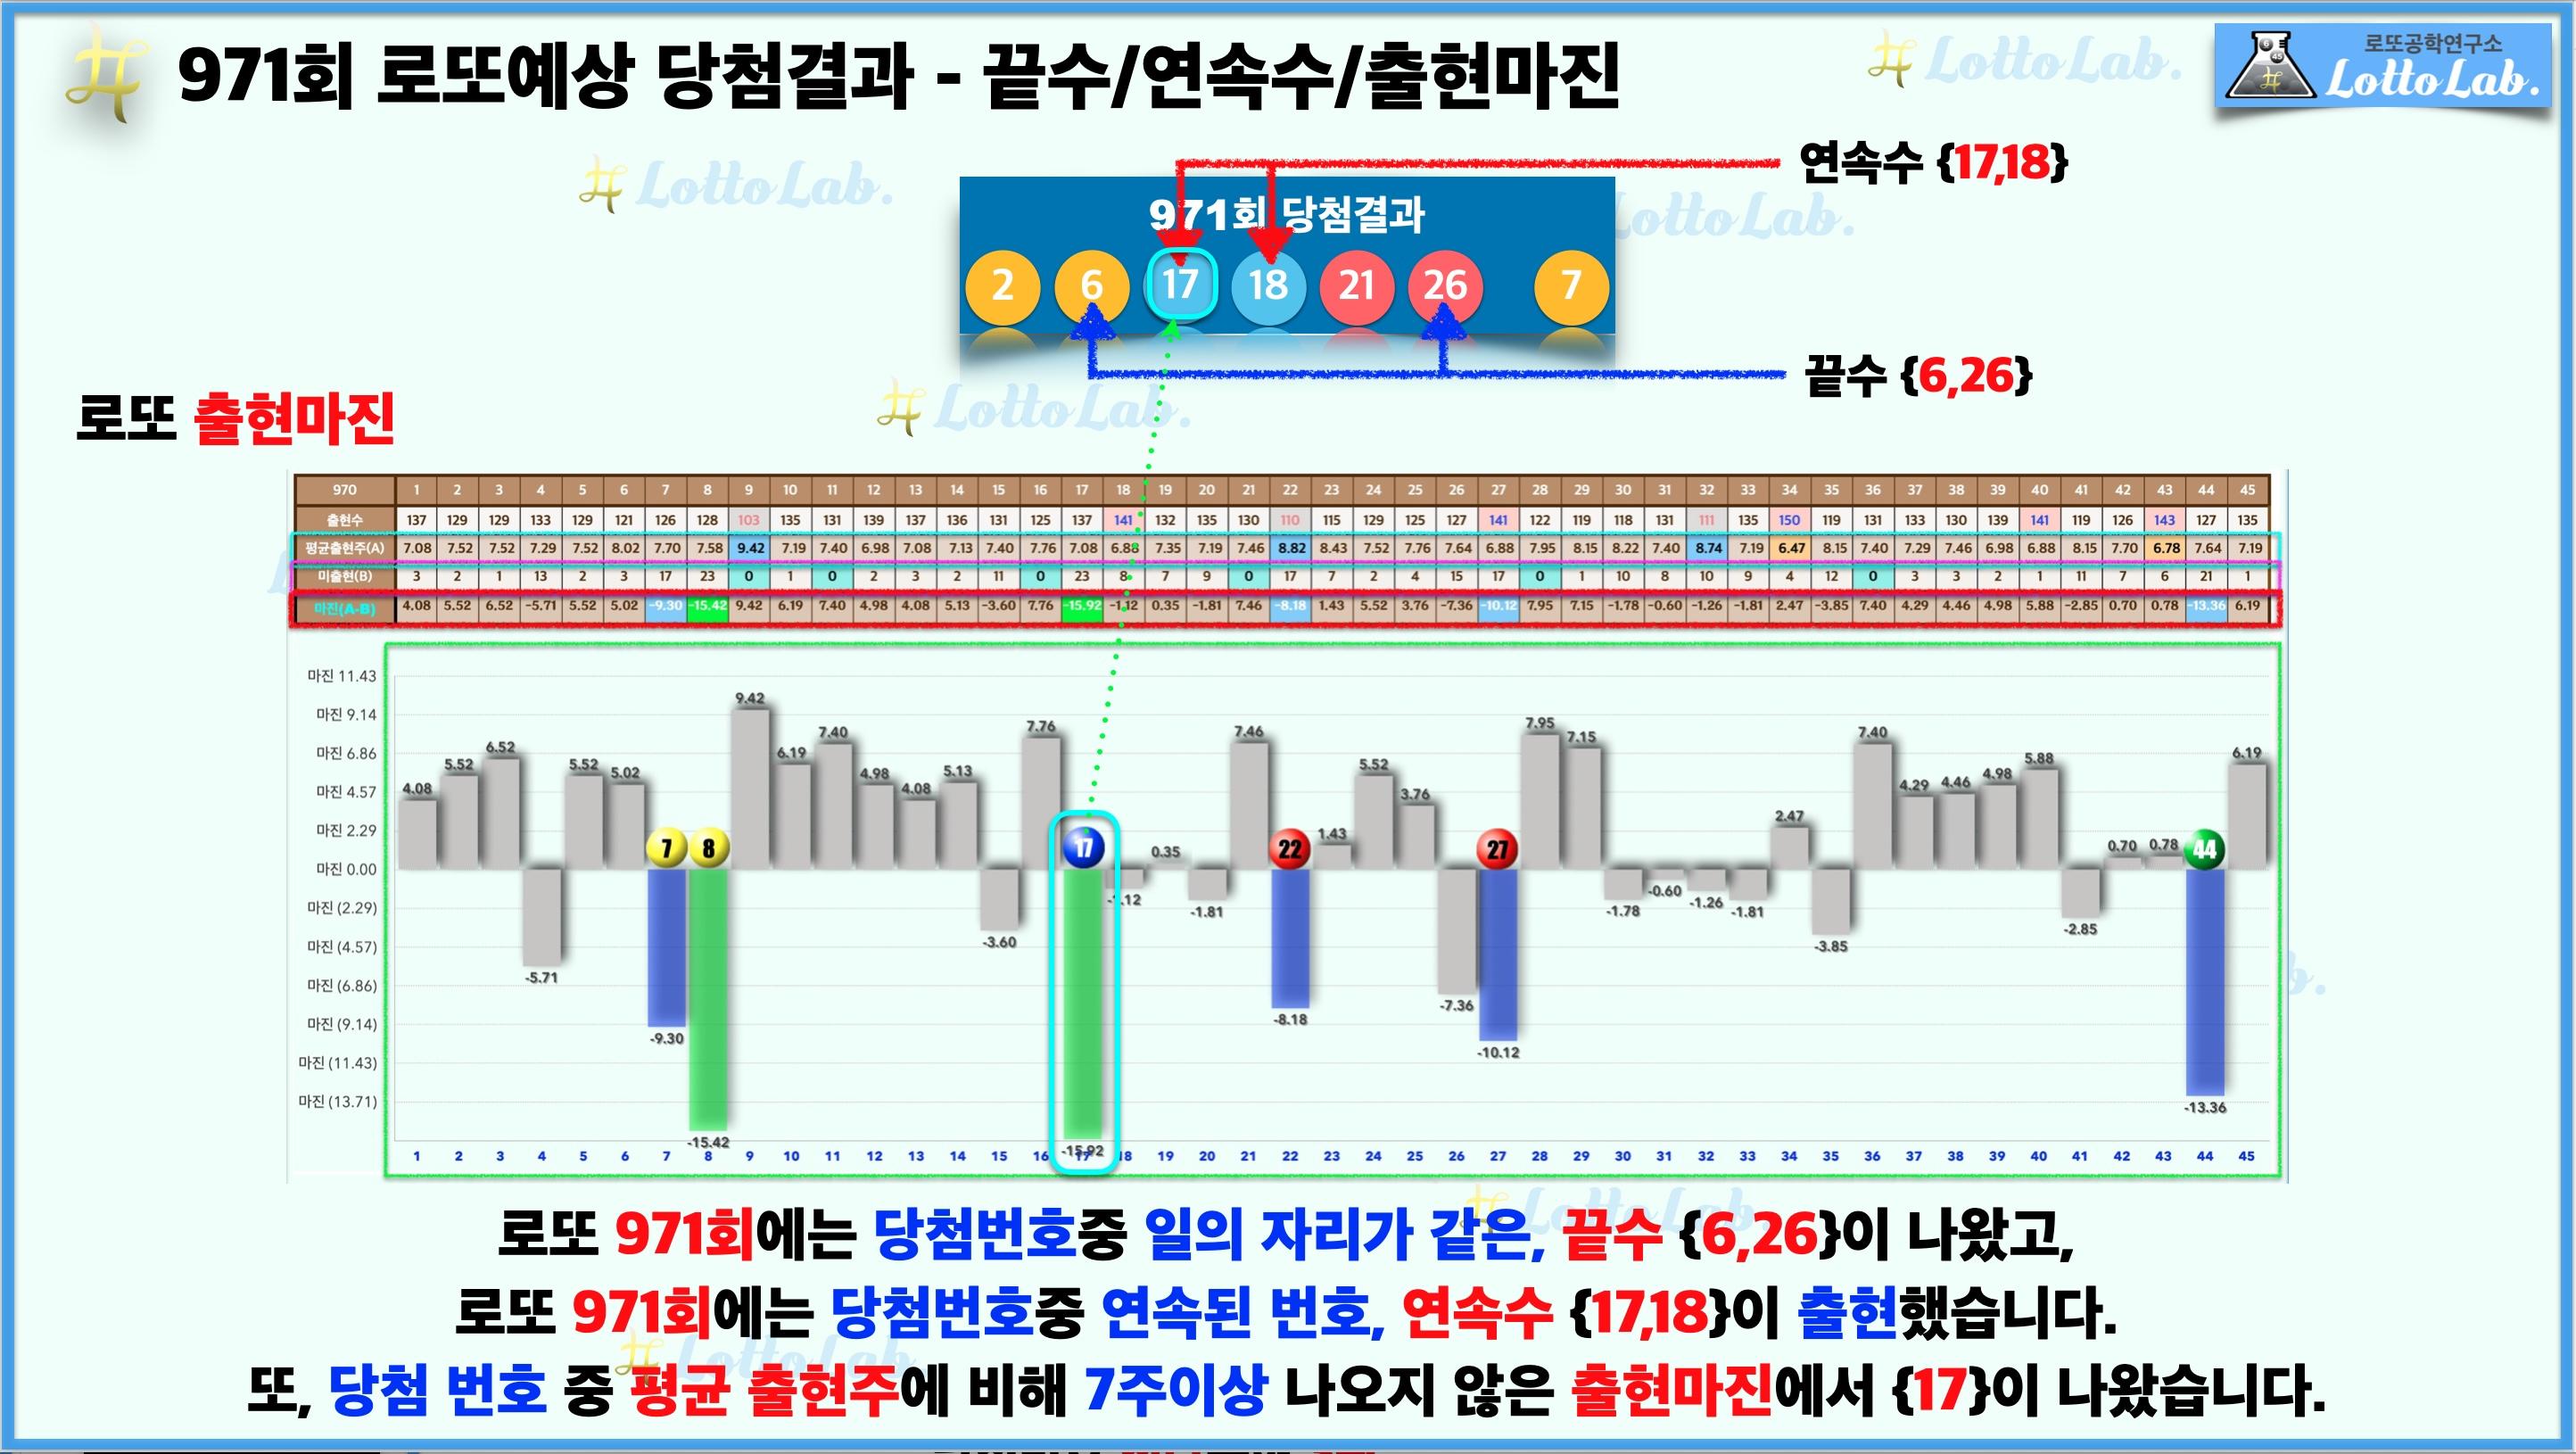 로또랩 로또971 예상결과 - 끝수 연속수 출현마진.